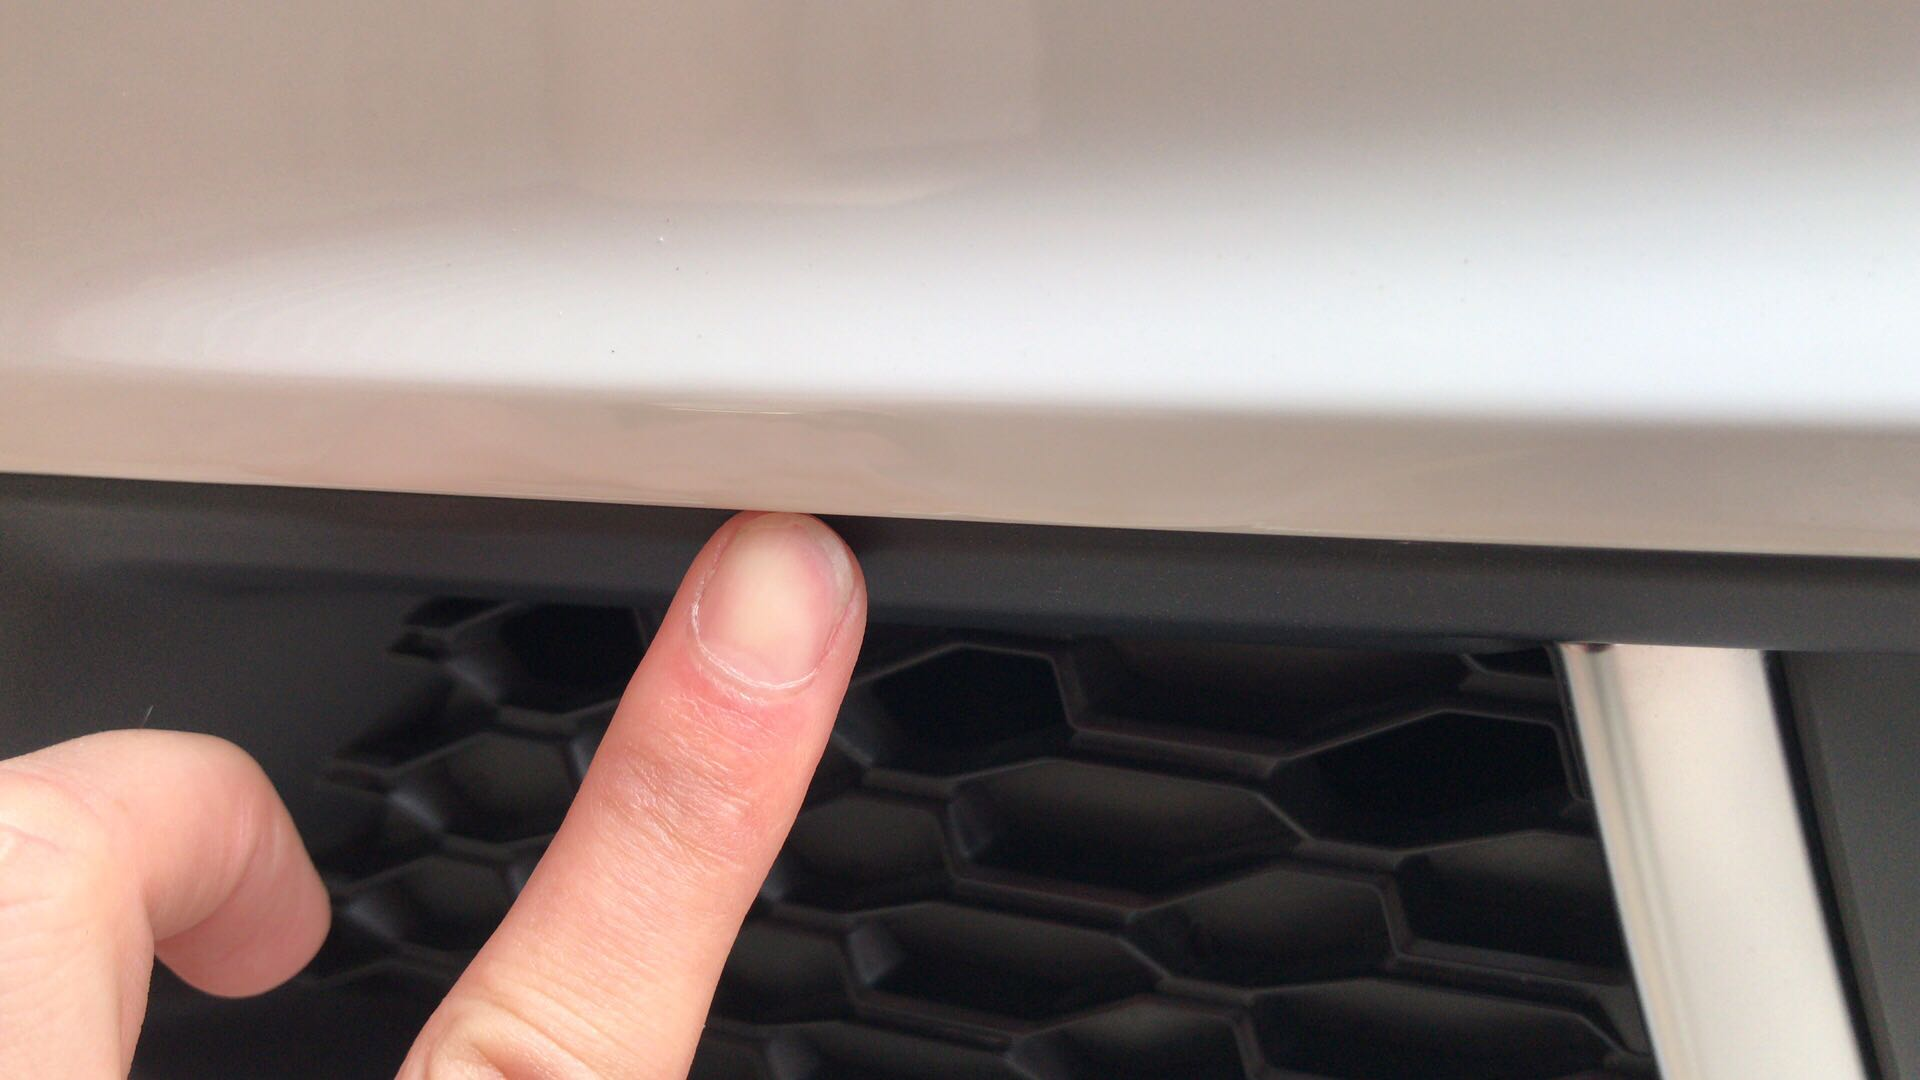 奥迪-奥迪A4L 珠海利恒奥迪销售二次喷漆的车辆